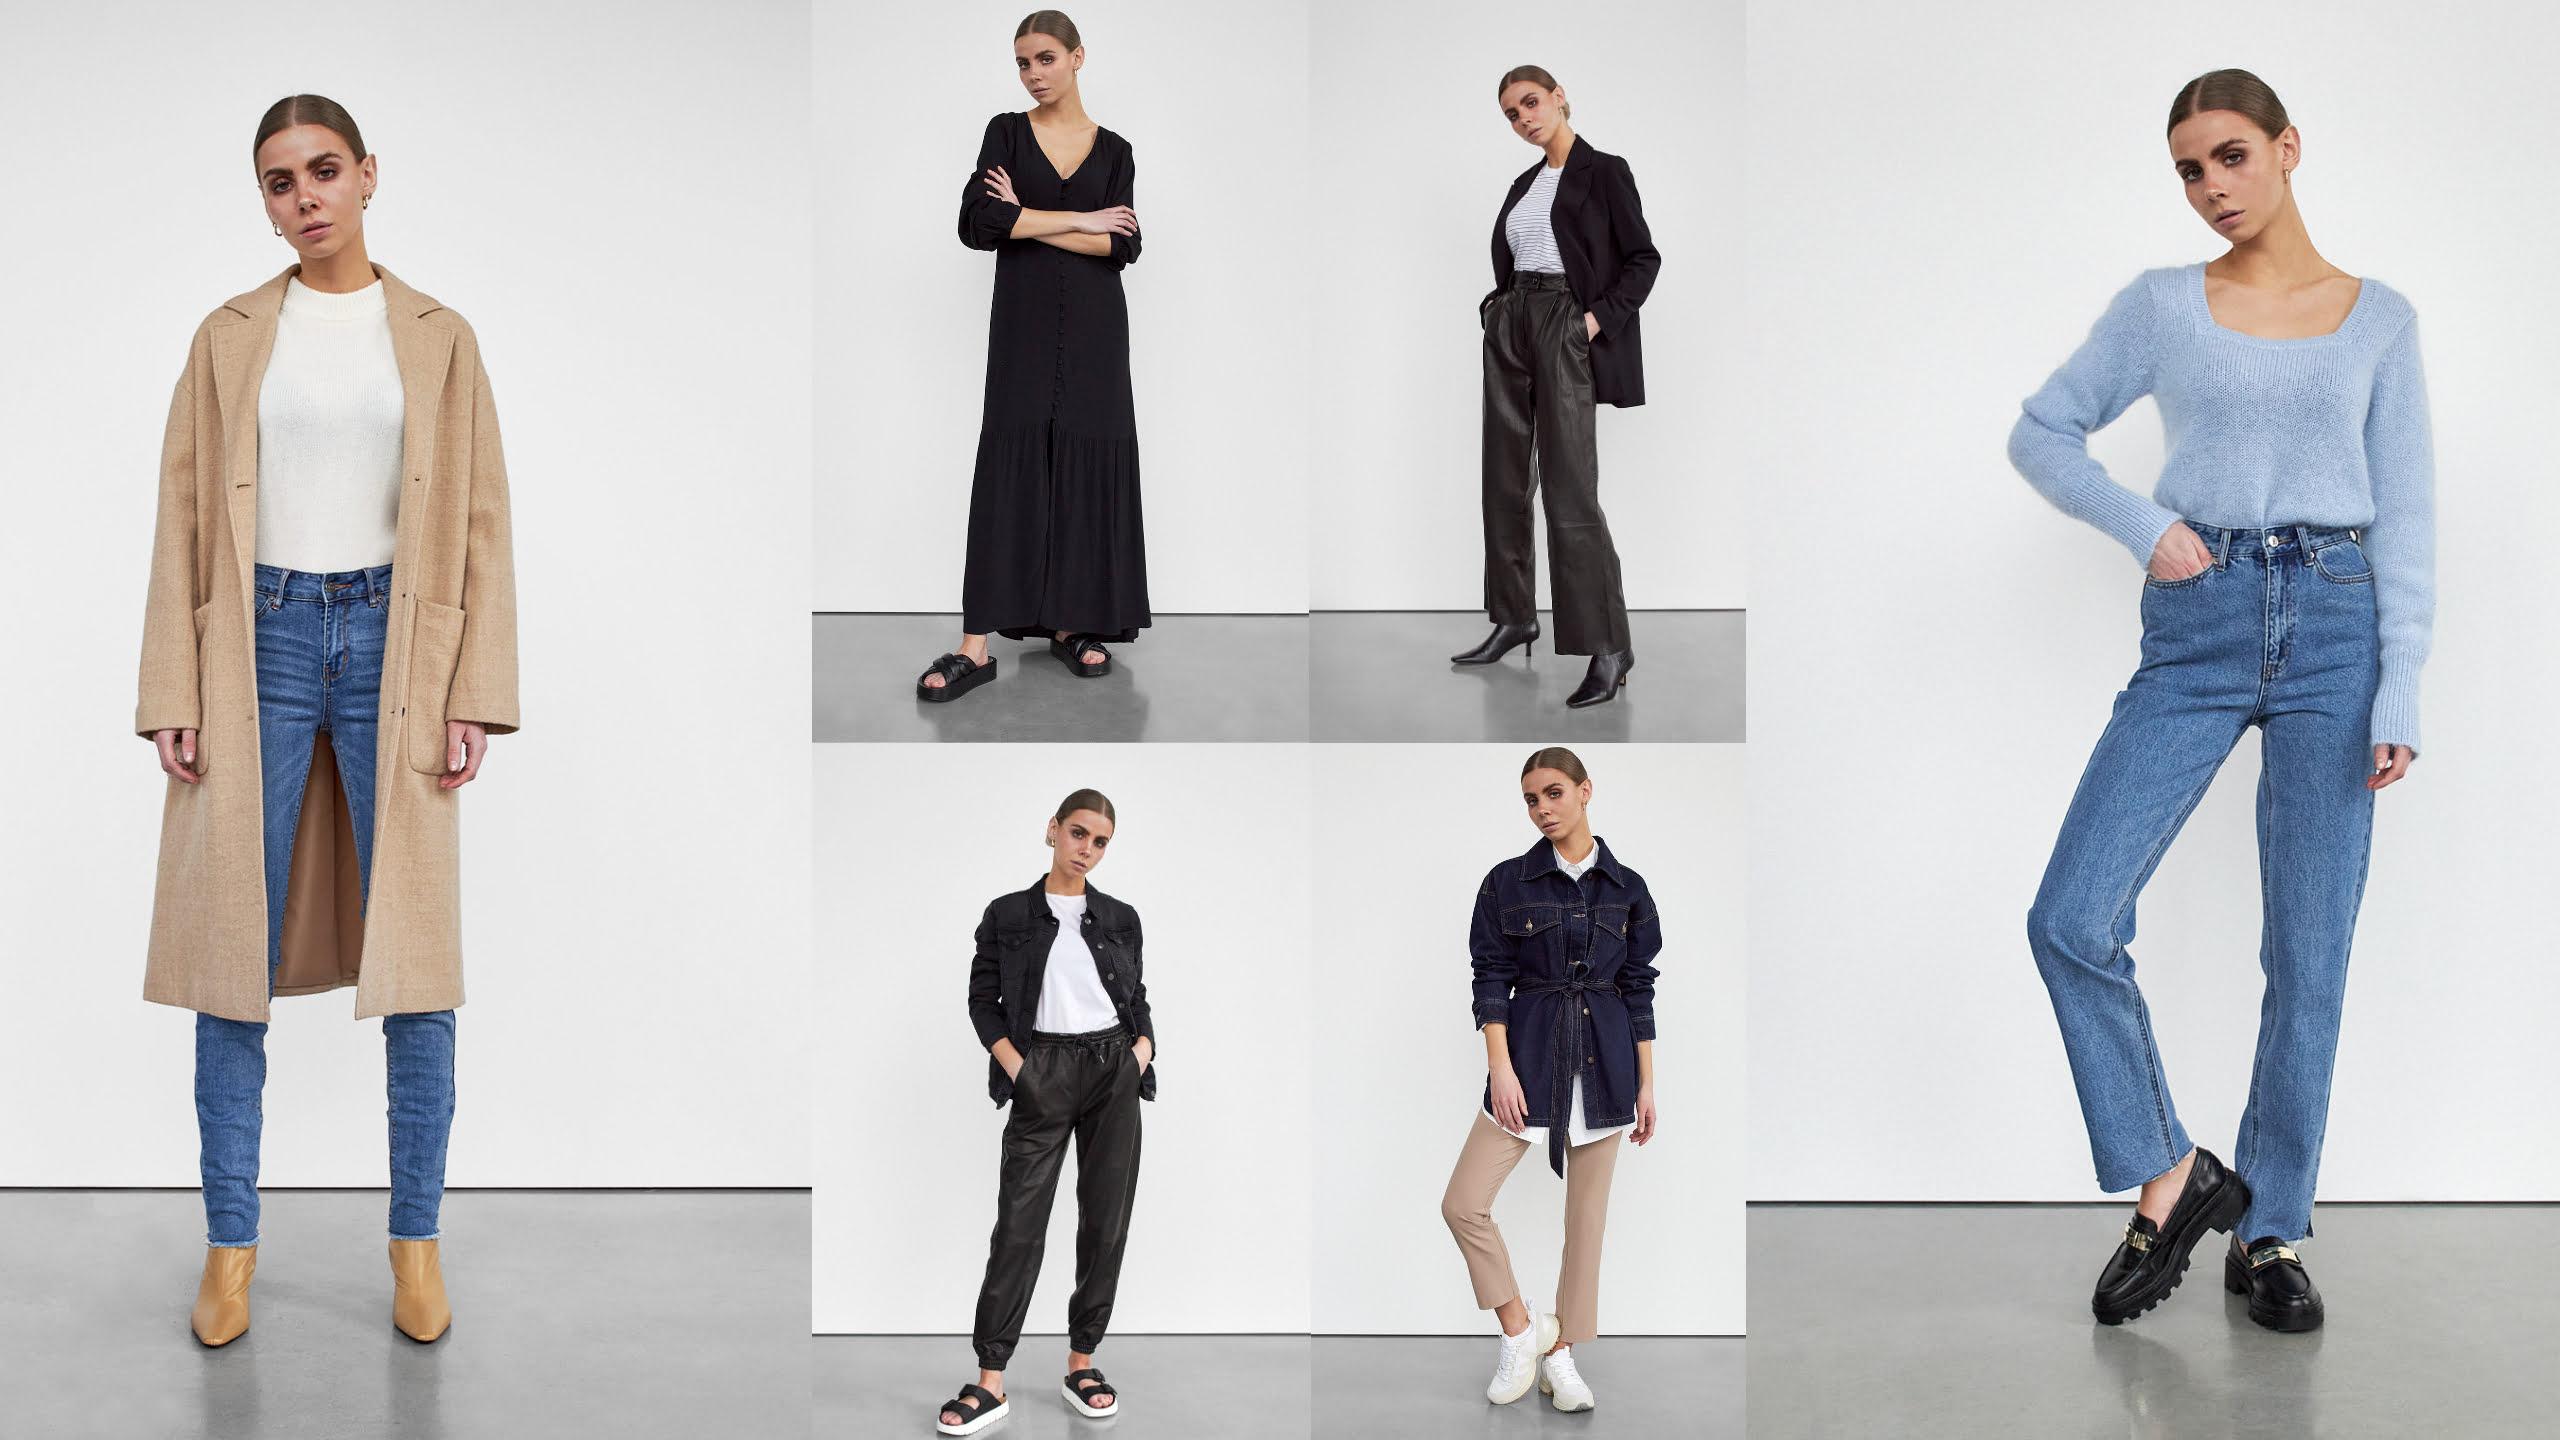 seks modeller med forskellige skandinaviske looks